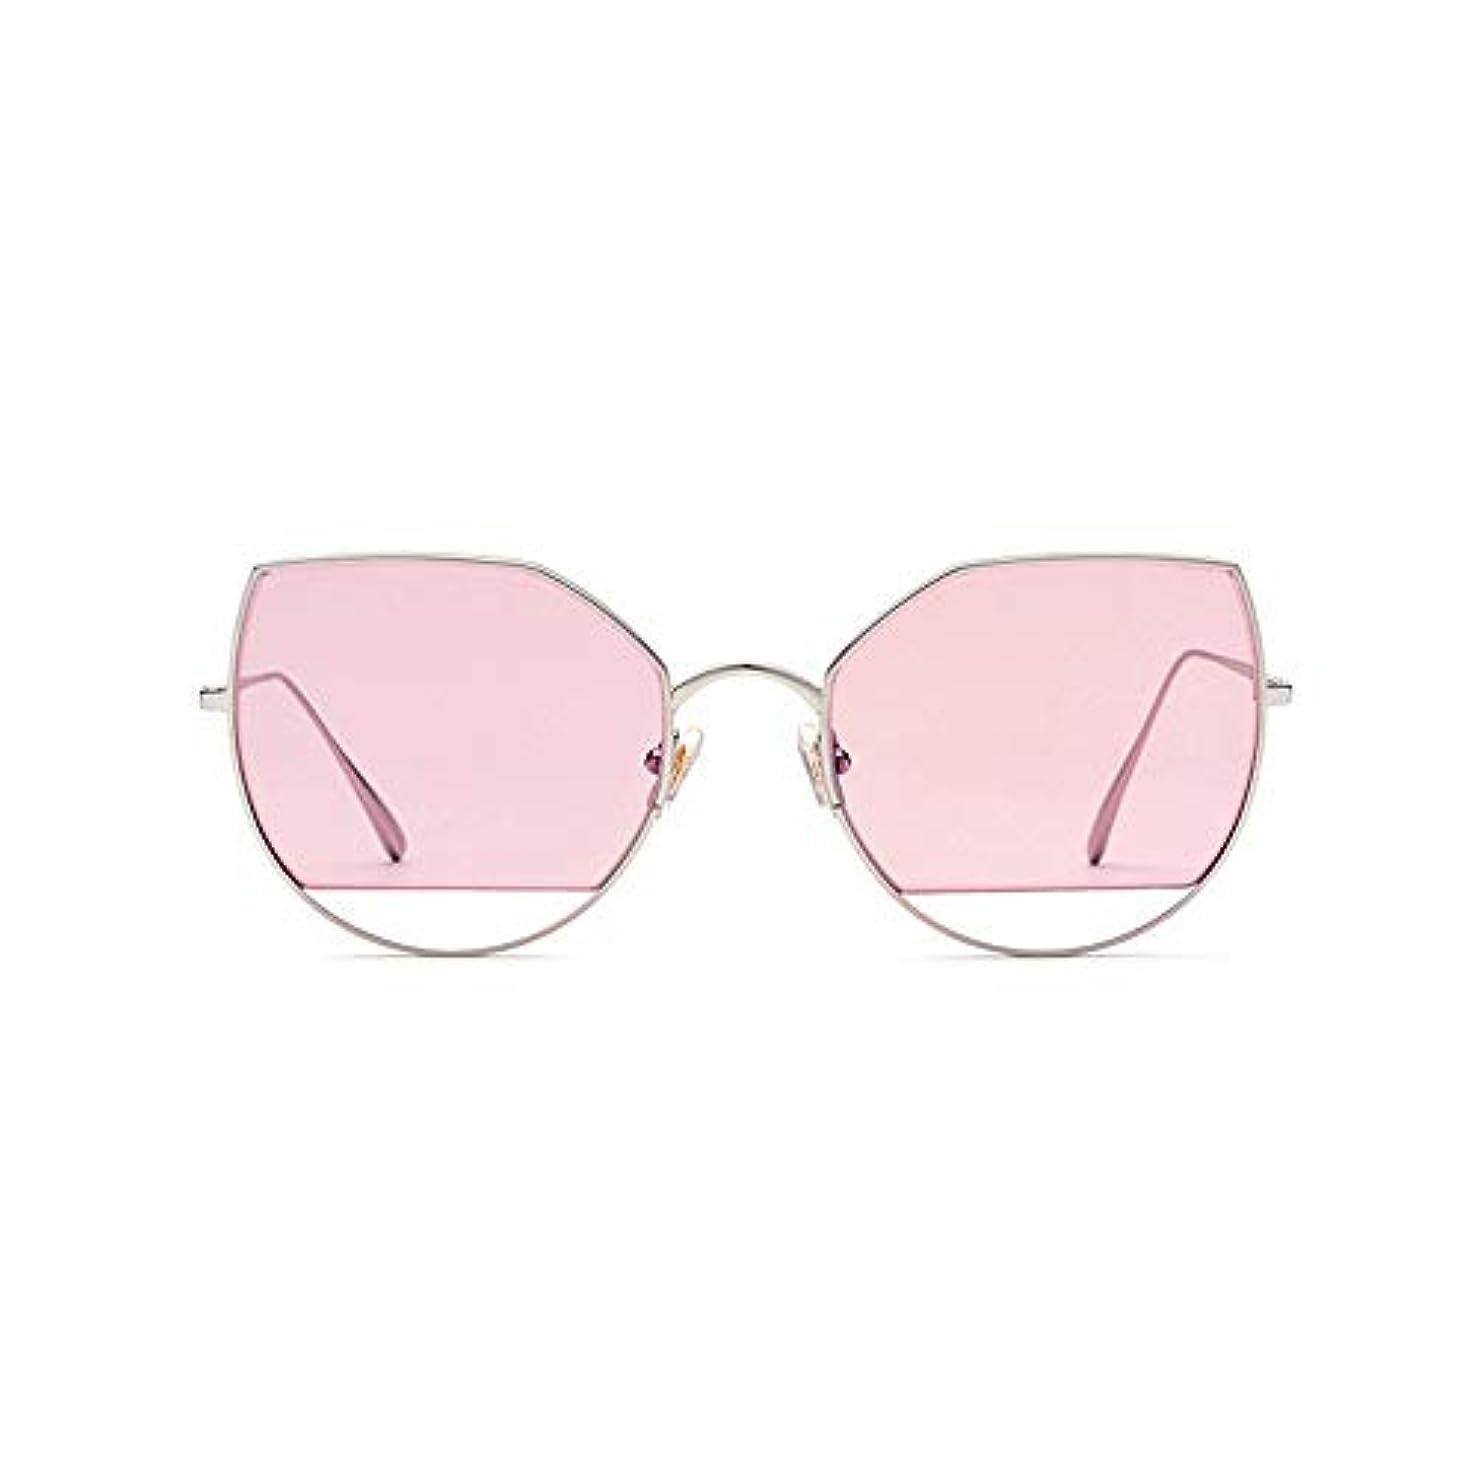 好意拾うエンドテーブルOkiiting キャットアイサングラスファッションサングラス超軽量素材HD偏光レンズ調節可能なフレーム女性に適して うまく設計された